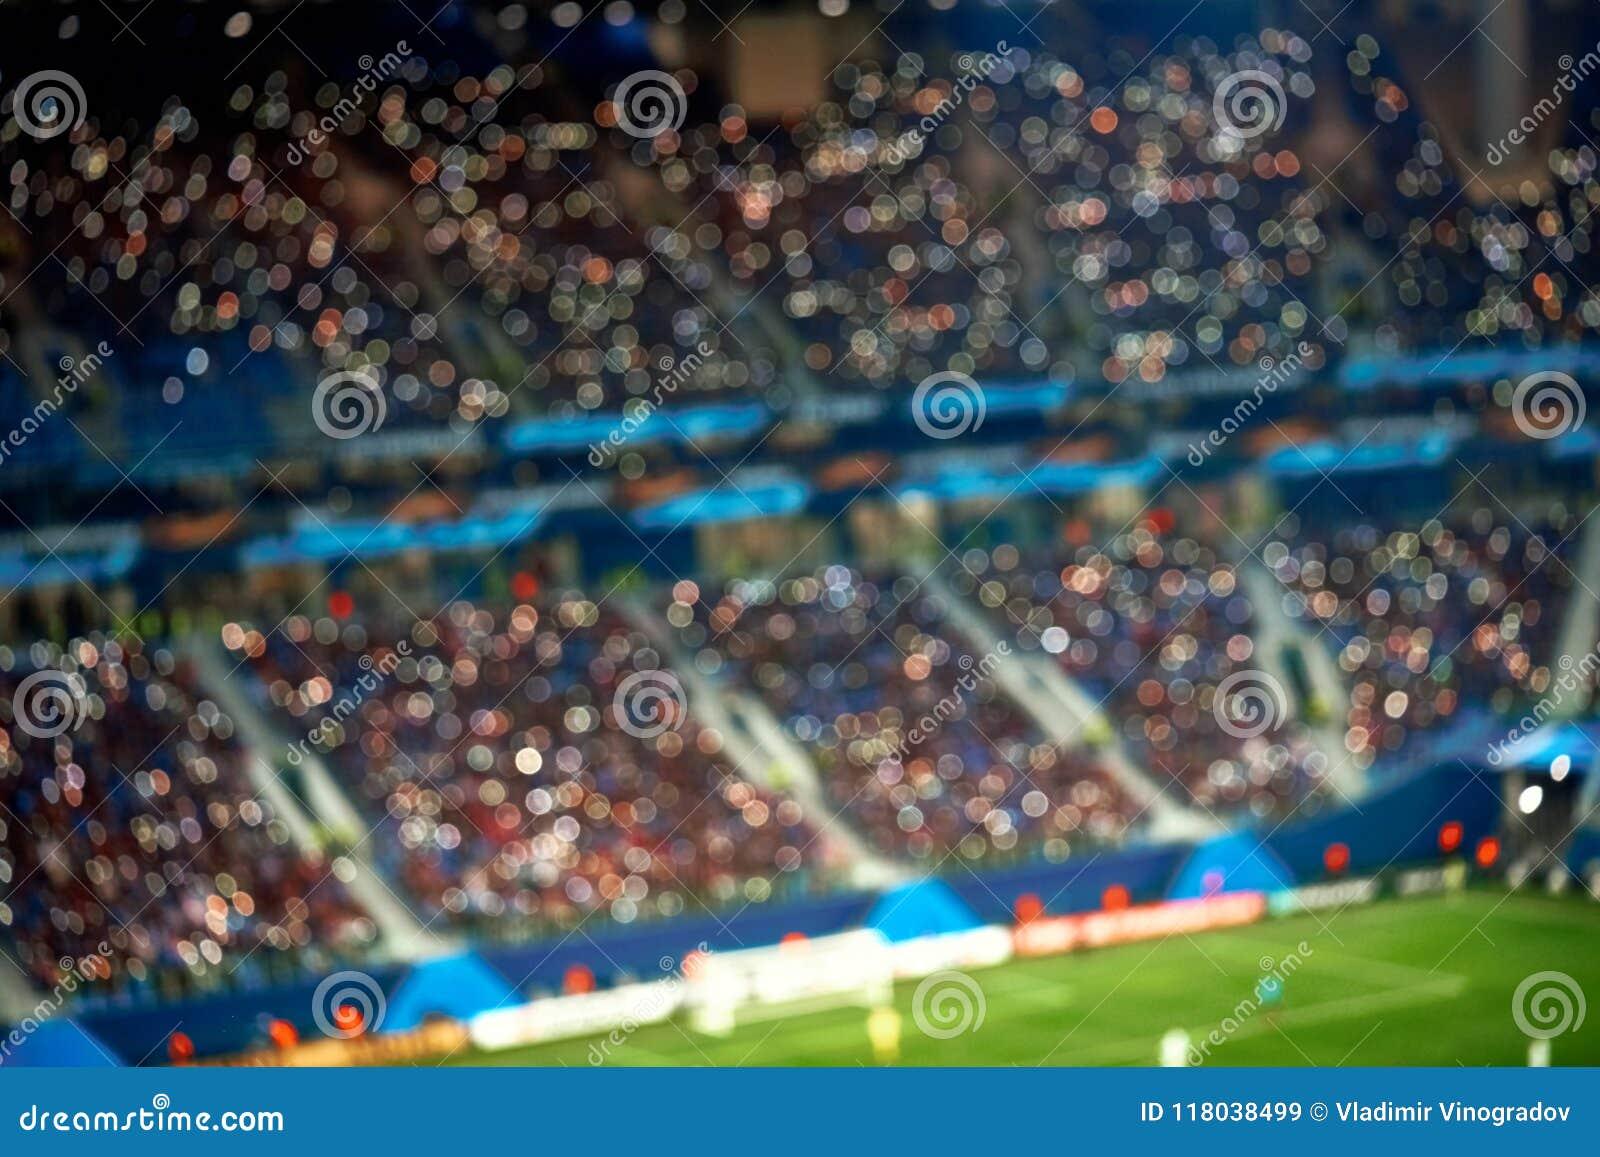 Volle Fußballfußballstadionstribünen mit Lichtern Weichzeichnung unscharfer Hintergrund